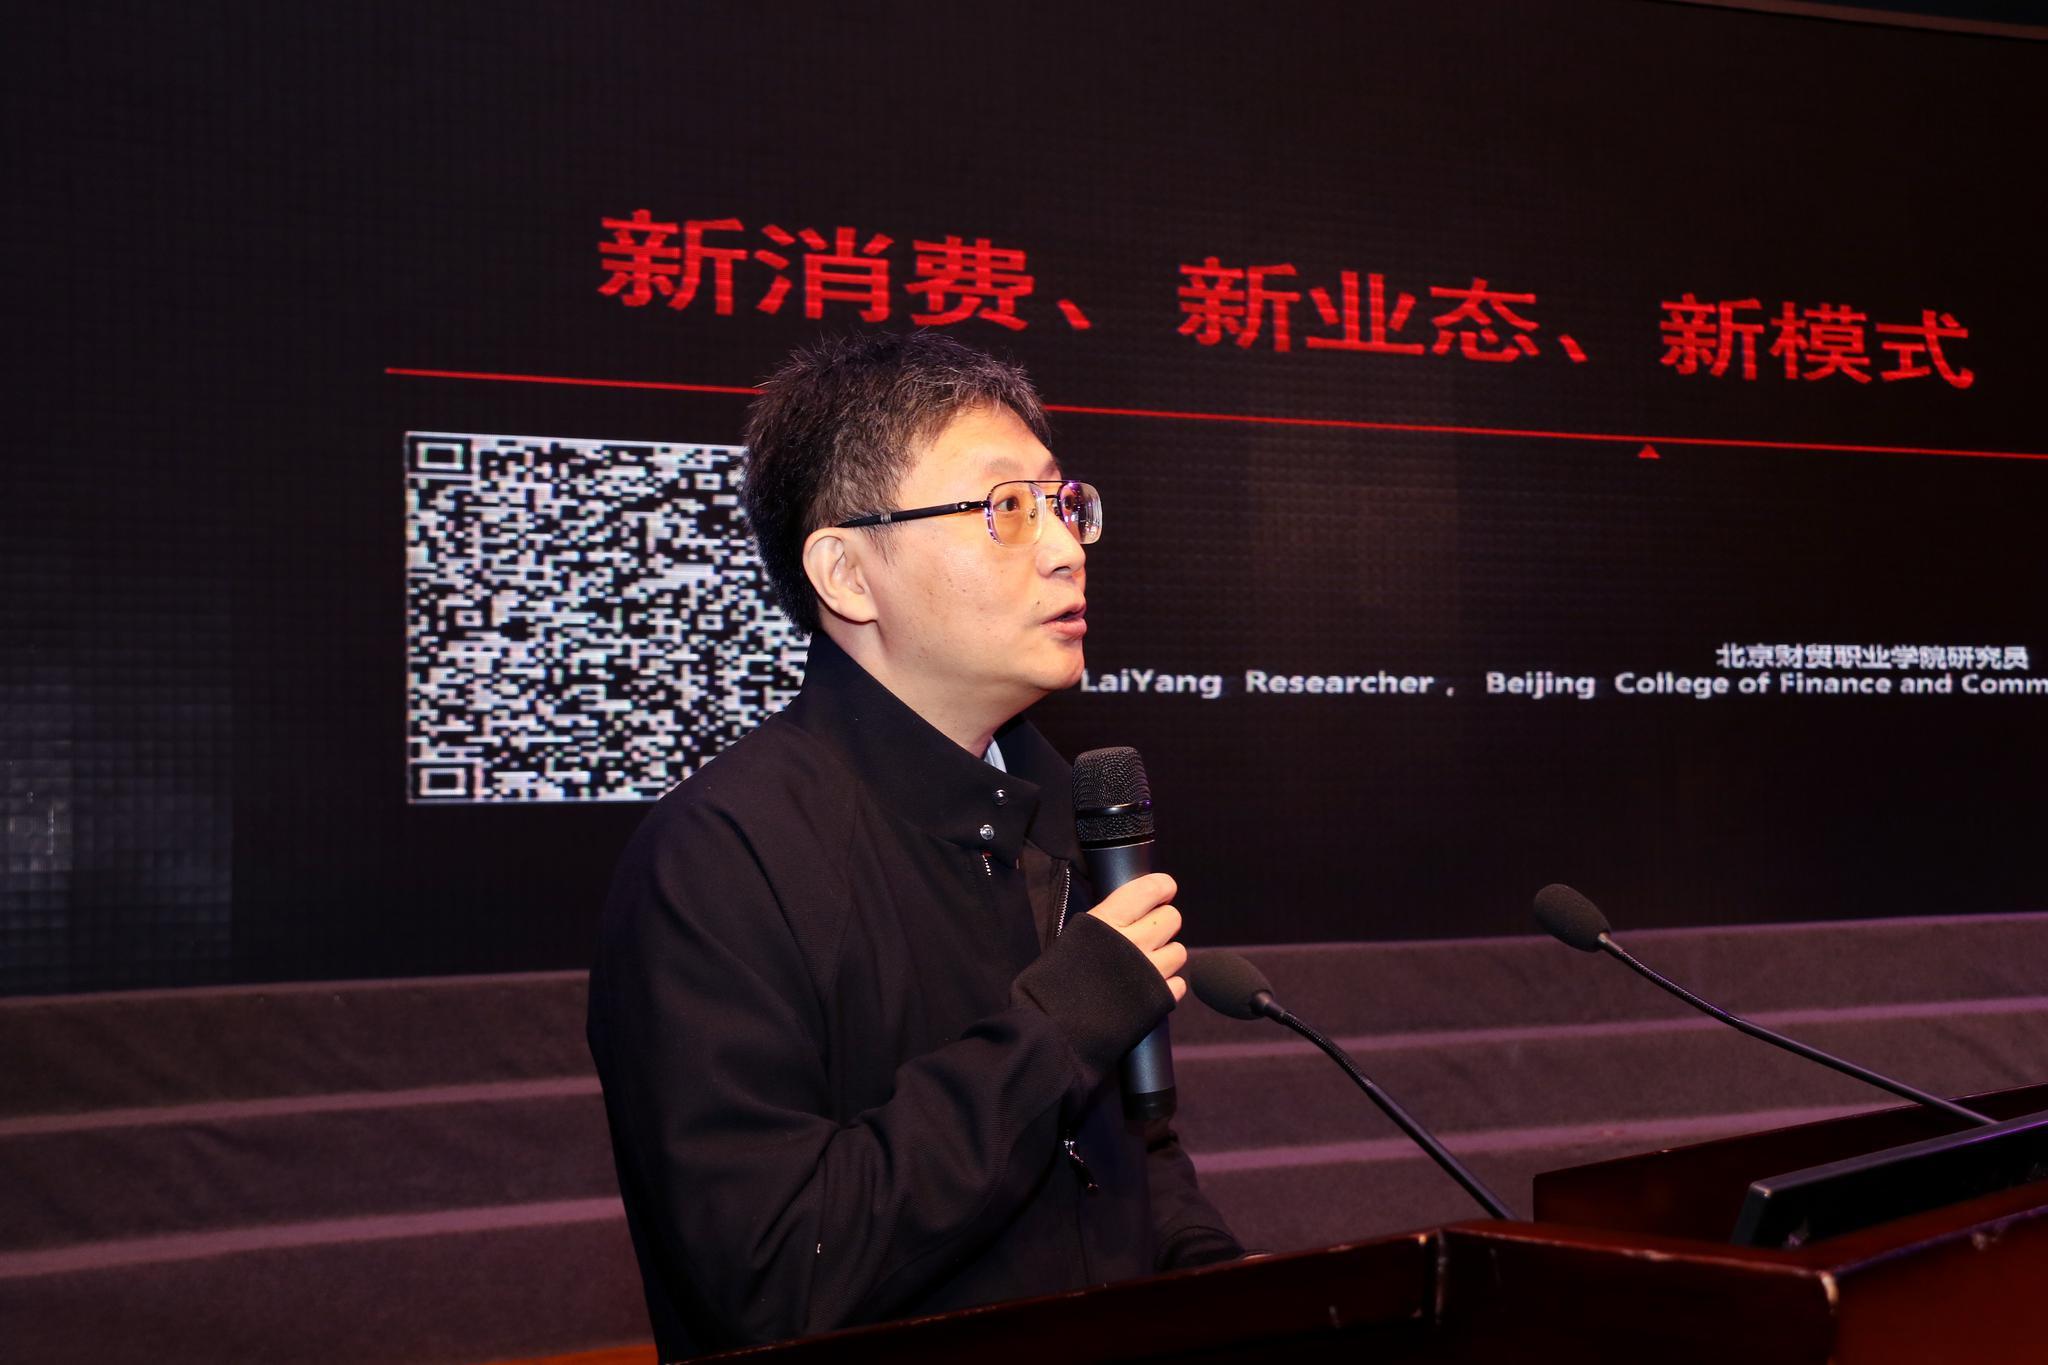 北京财贸职业学院赖阳:直播带动线上出现新业态